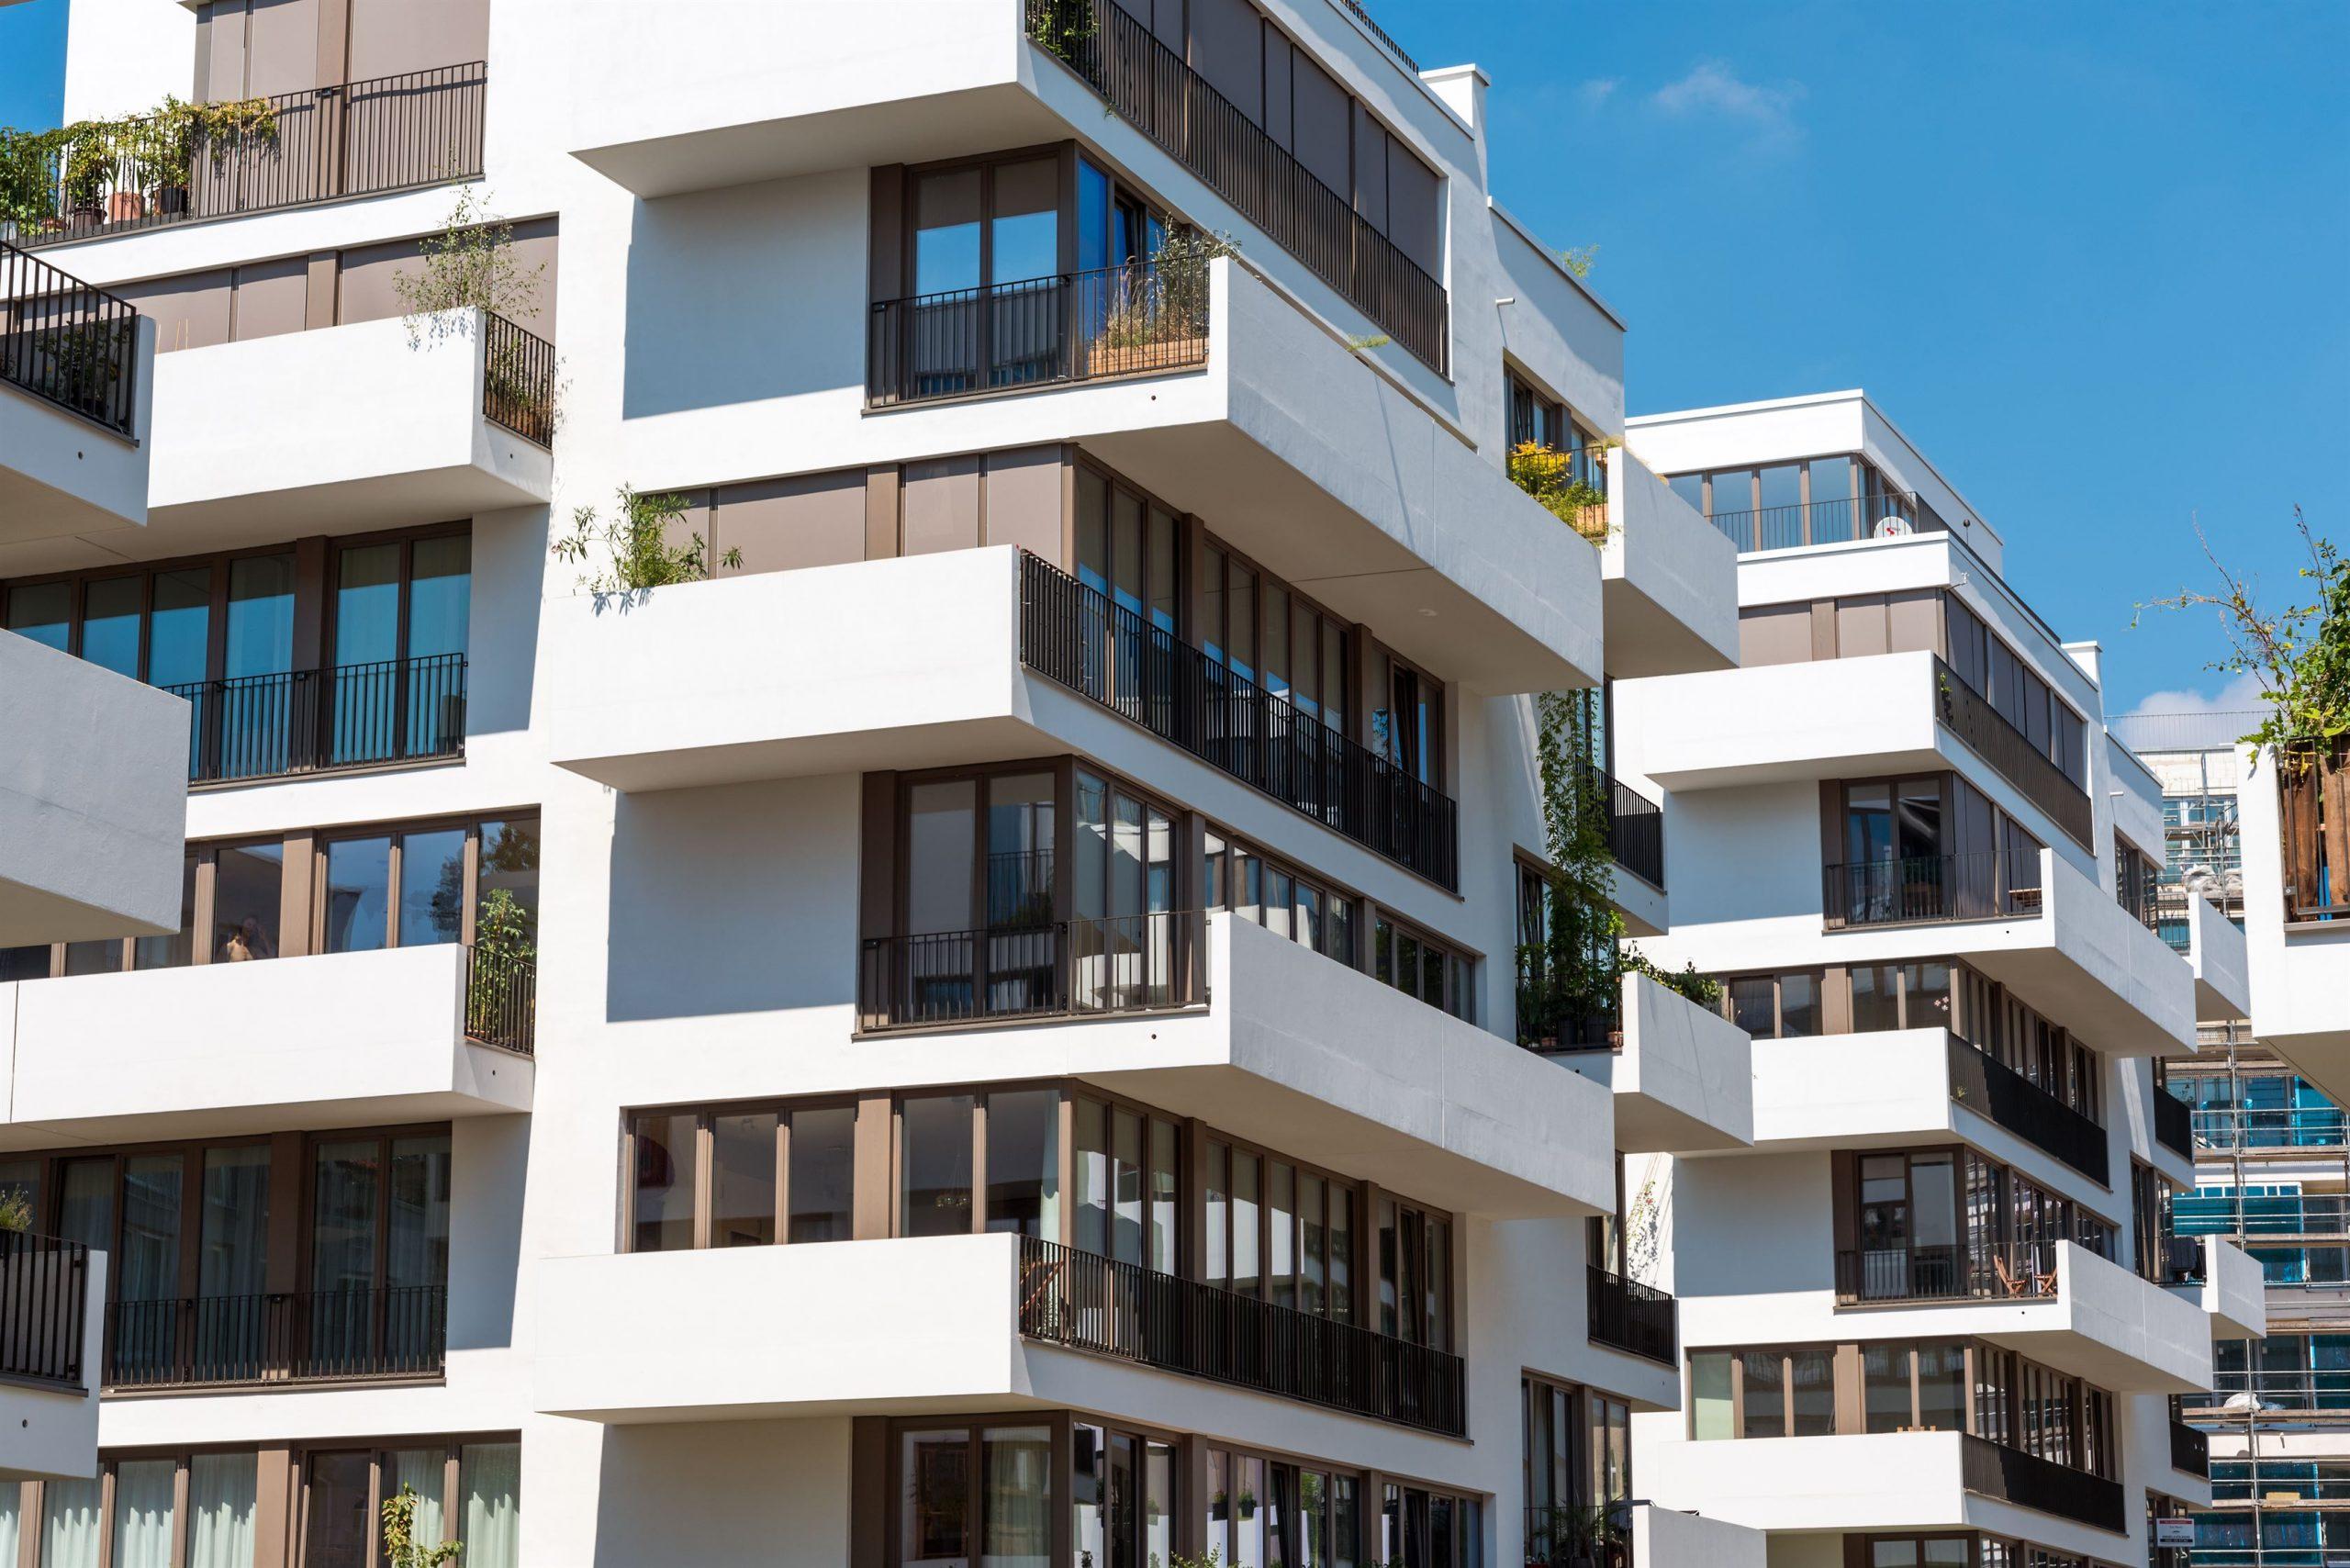 modern-blocks-of-flats-in-berlin-P47BSJL